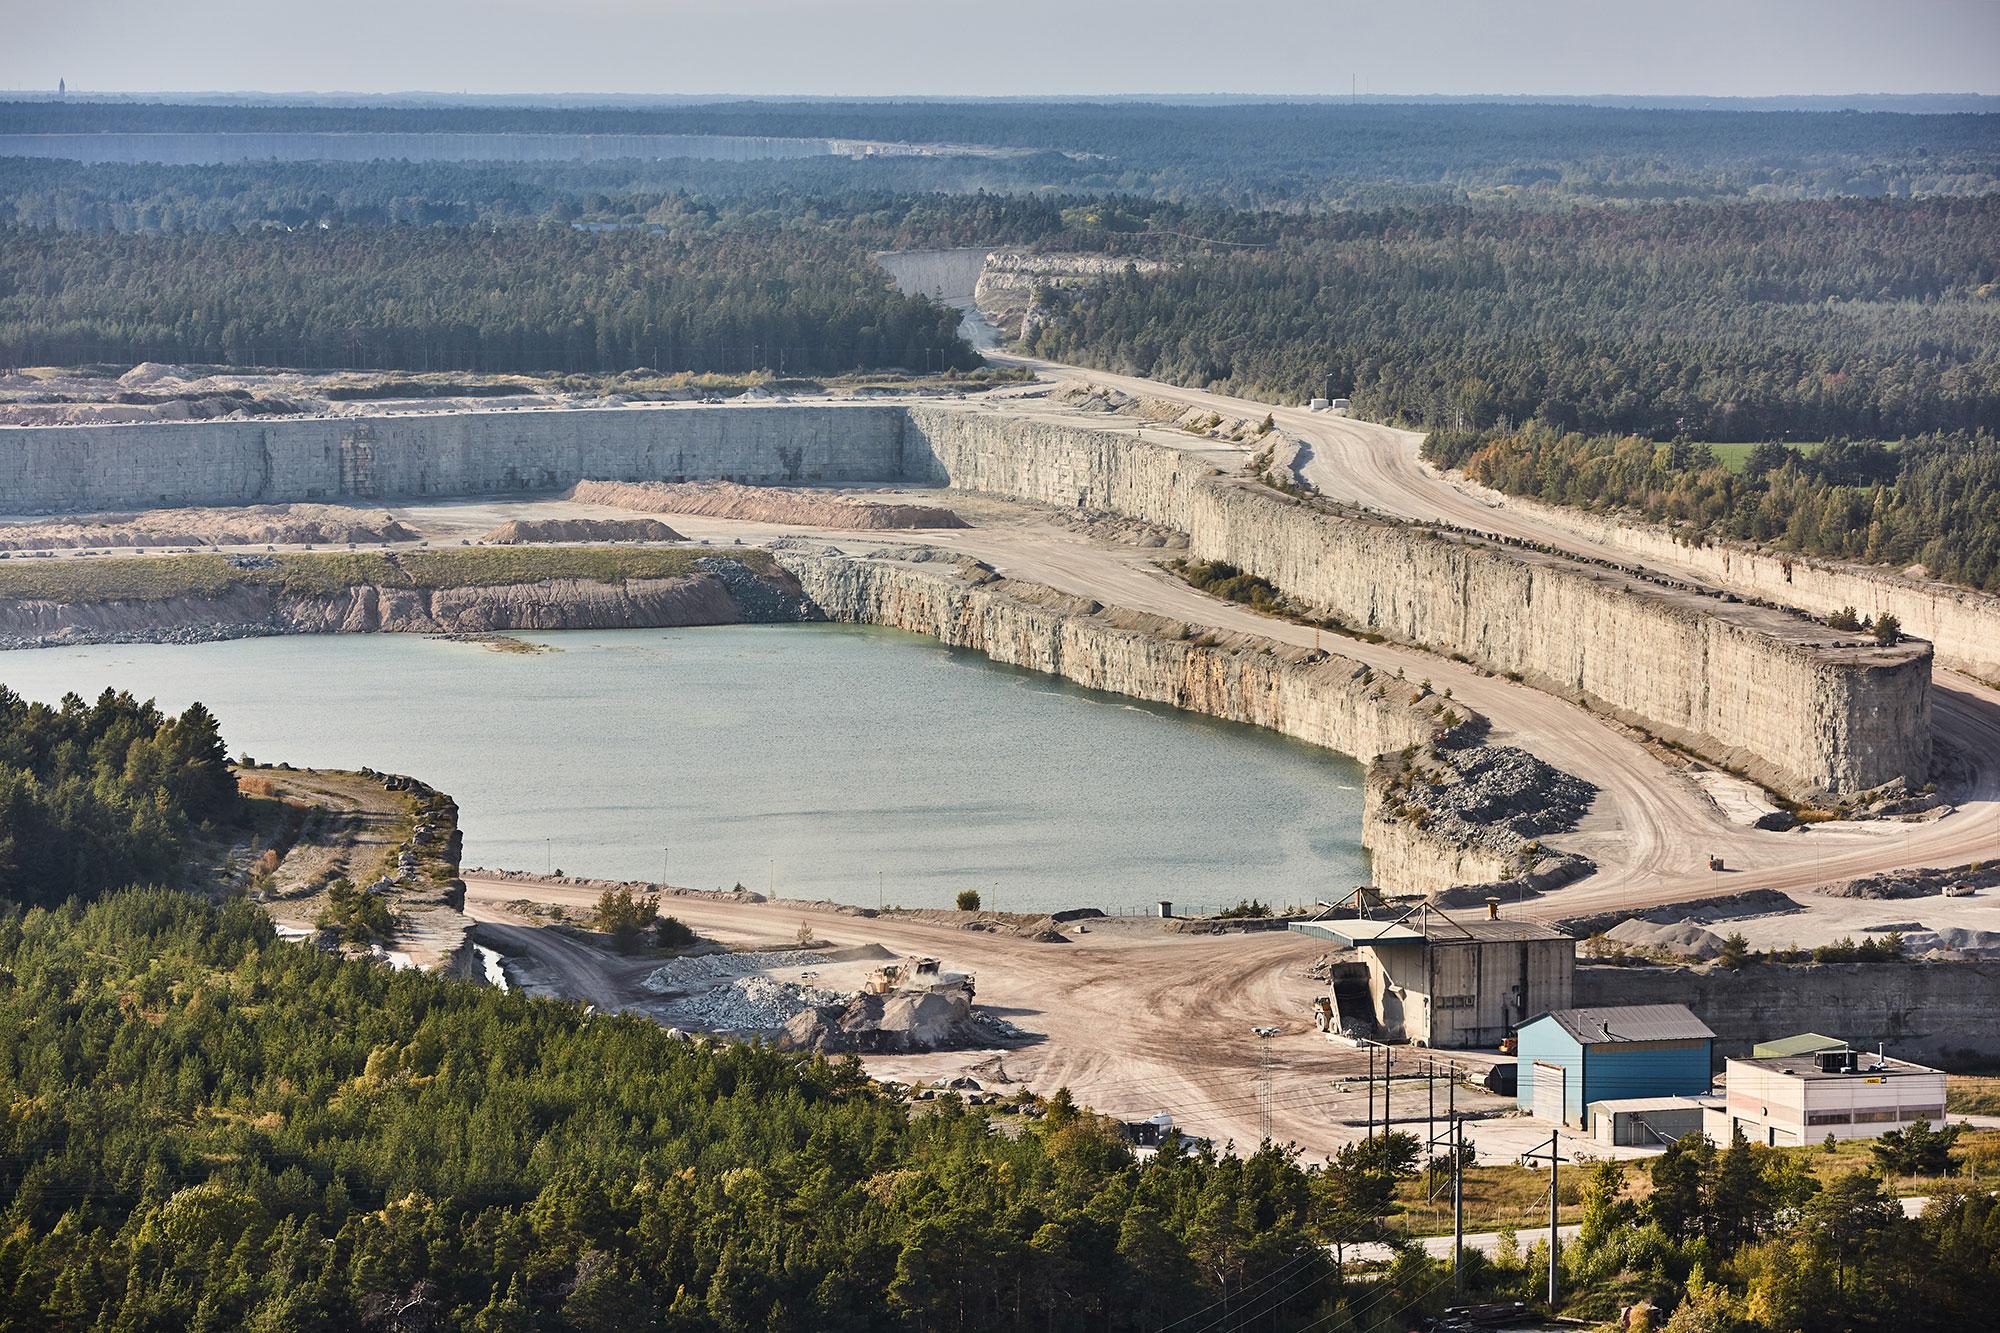 Cassação da licença para que a principal cimenteira da Suécia explore mineradora repercute e preocupa toda a Europa Crédito: Slitefabriken/Cementa